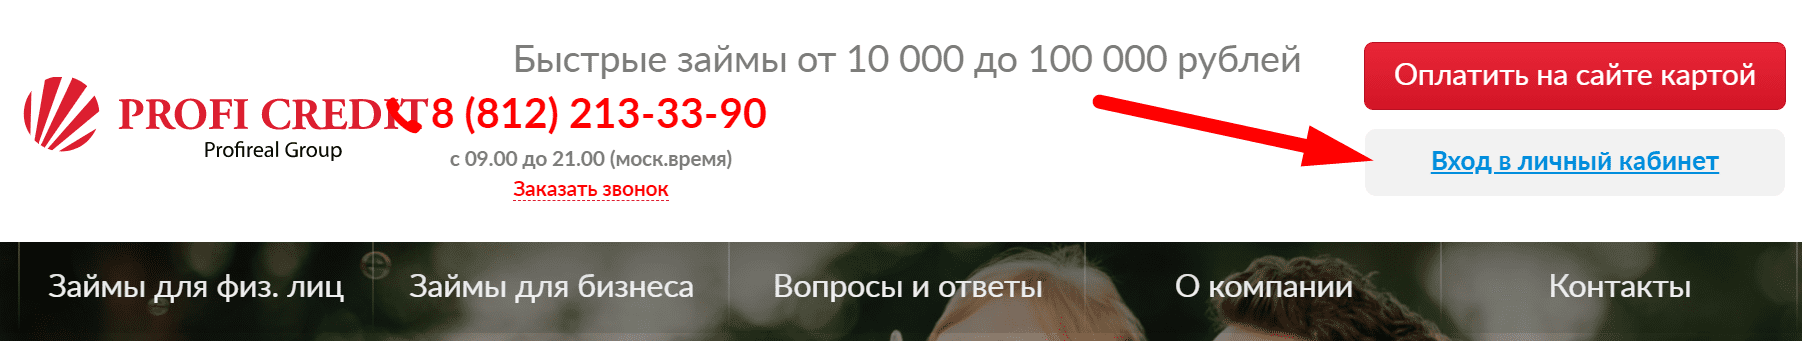 Ссылка на официальный сайт «Профи кредит»